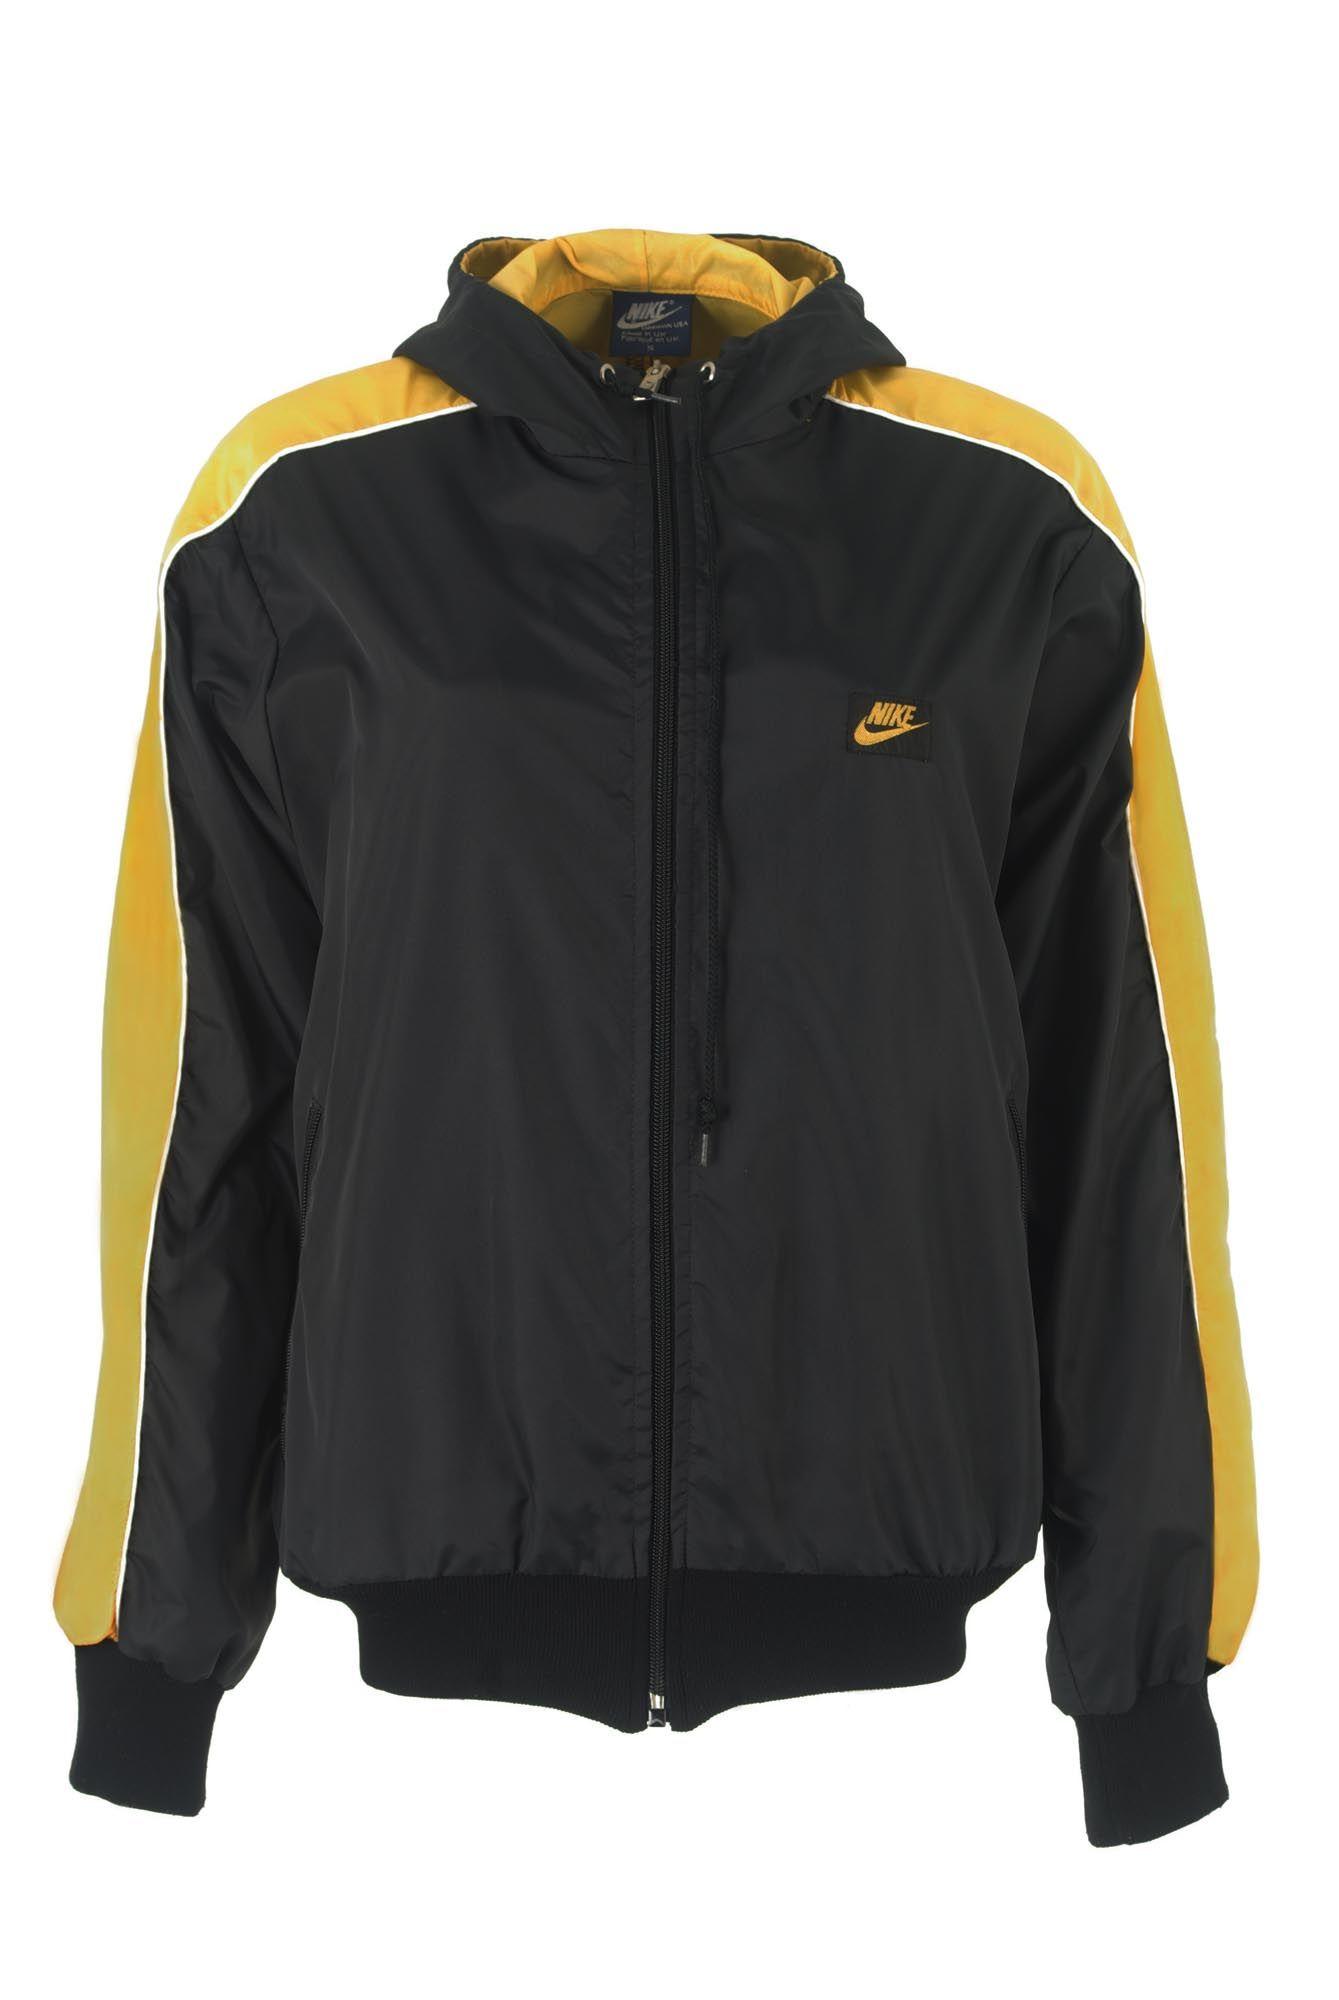 Veste coupe vent Nike Sportswear 90's chez Be Bop & Lula Boutique de  vêtements vintage en